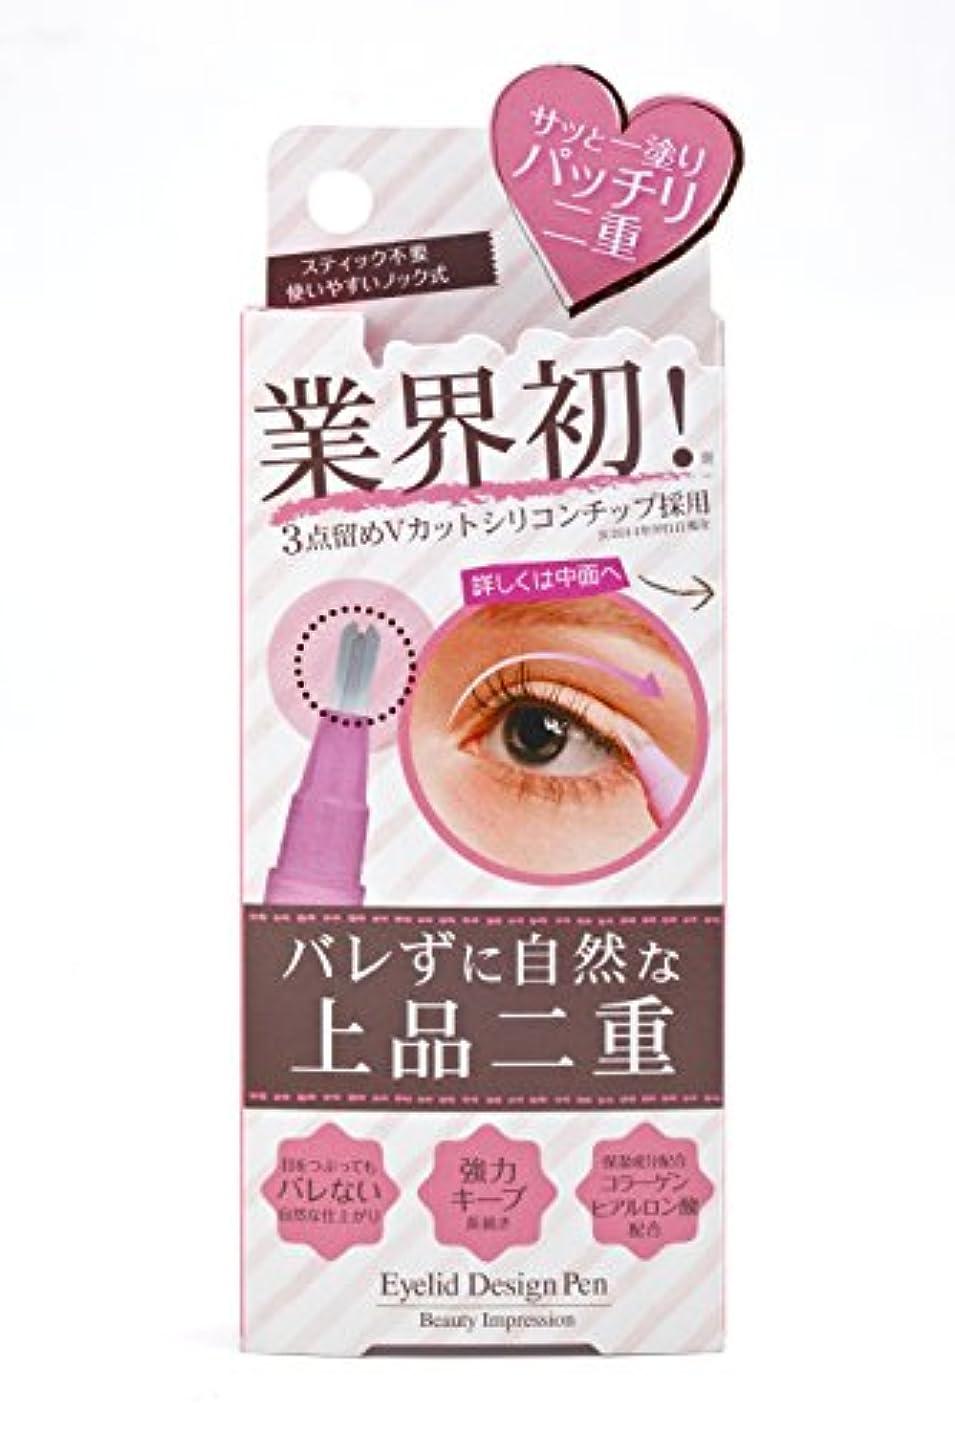 安らぎカタログギネスビューティーインプレッション(Beauty Impression) アイリッドデザインペン 2ml (二重まぶた形成化粧品)